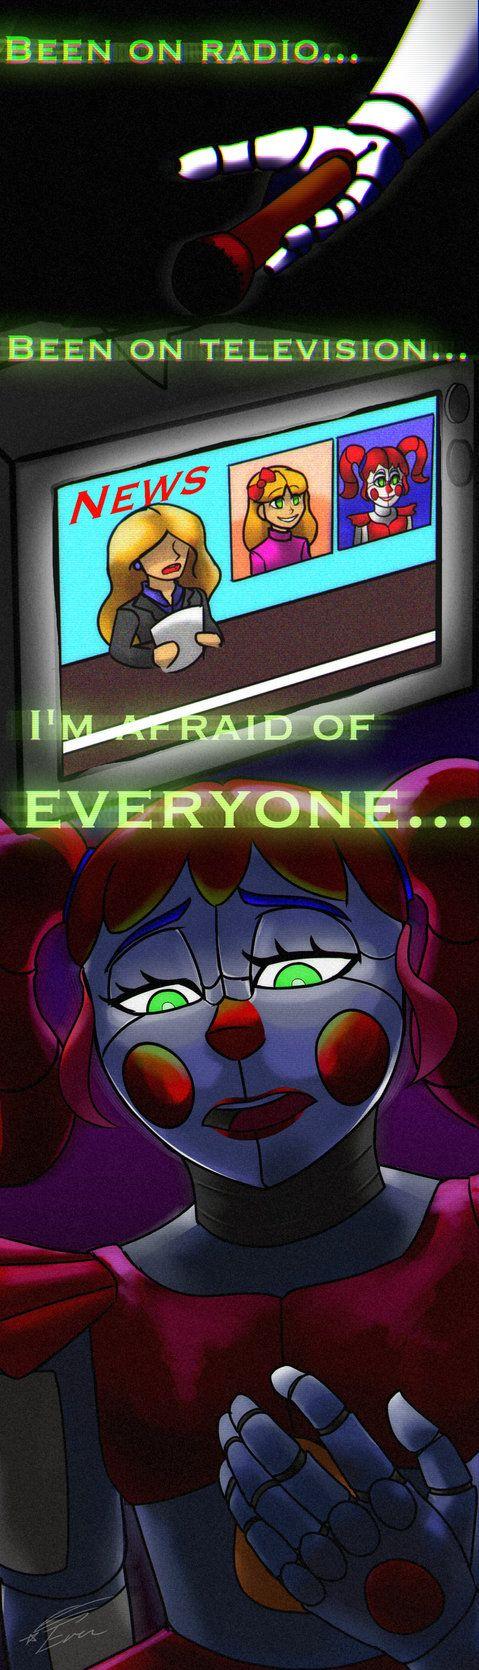 A Sickened Mind by EverStarcatcher.deviantart.com on @DeviantArt